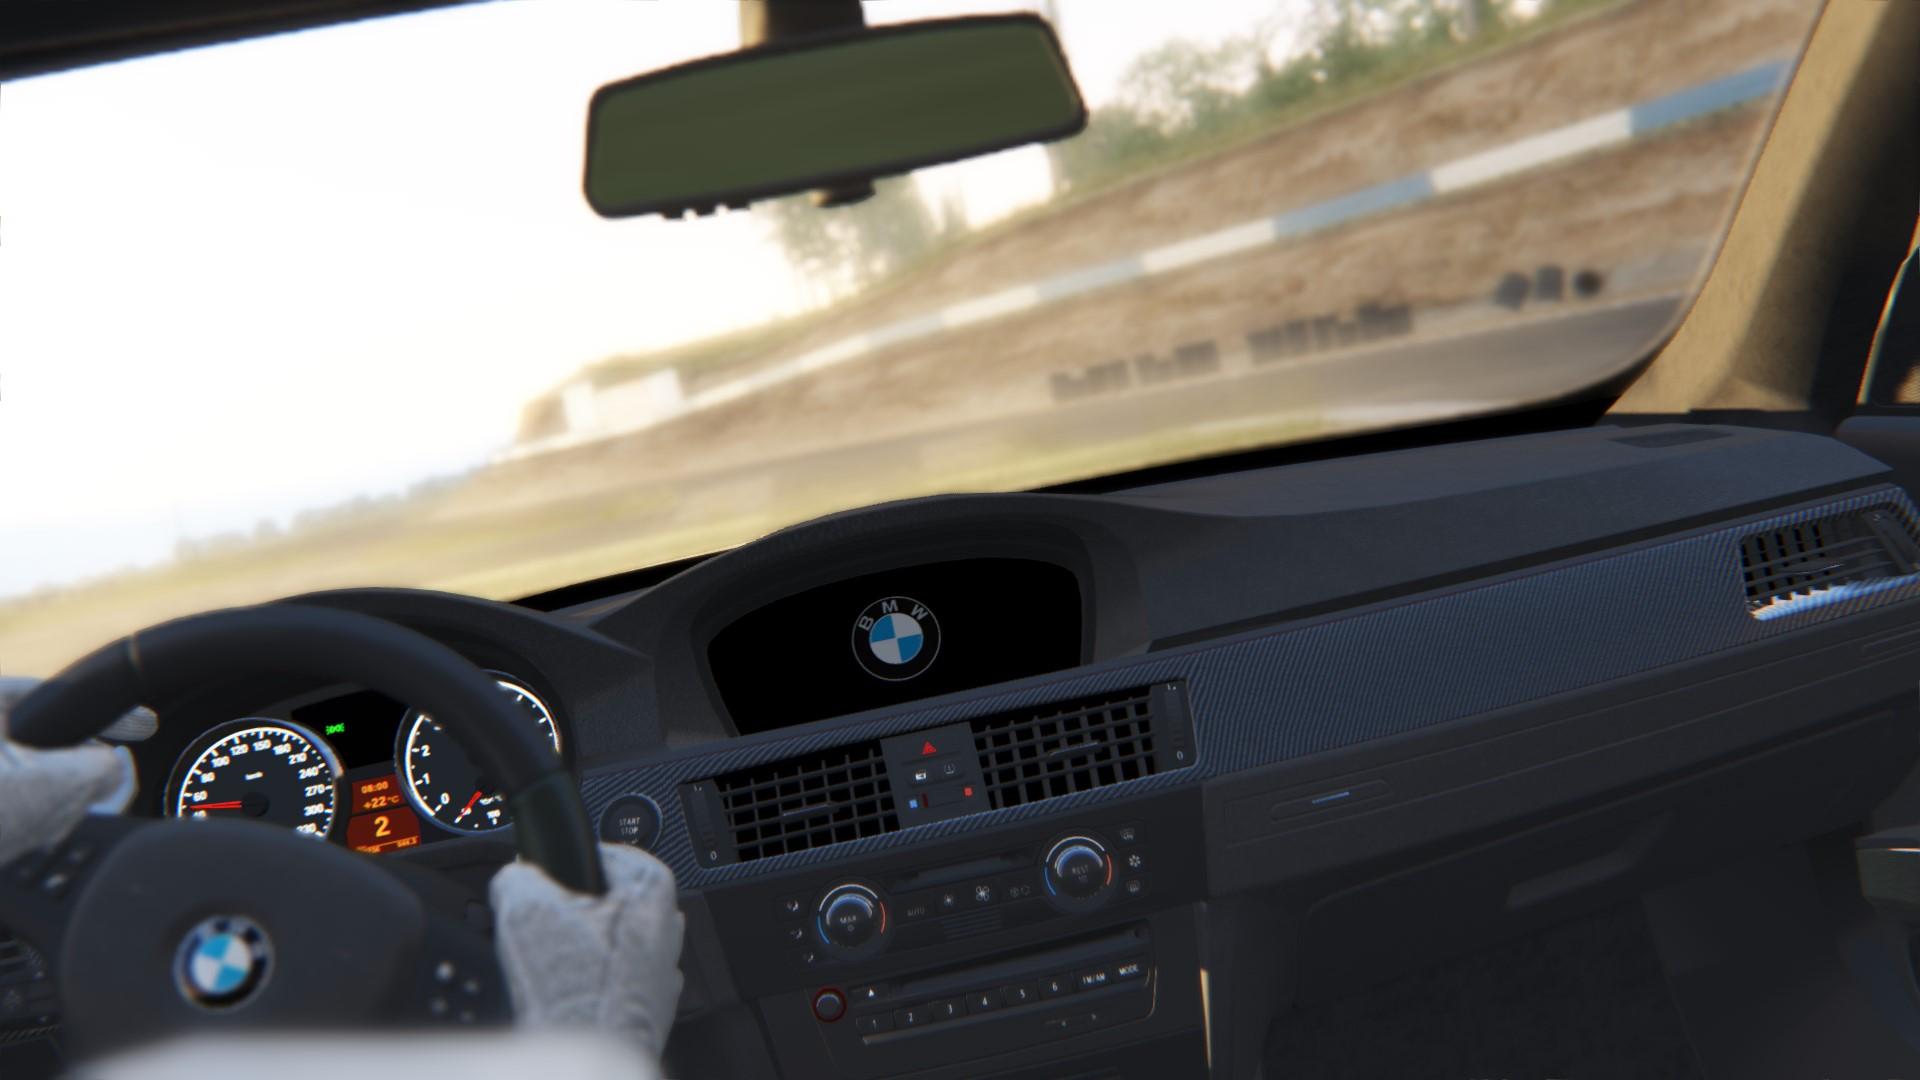 Screenshot_bmw_m3_e92_drift_motorland_sp_12-4-116-14-28-3.jpg